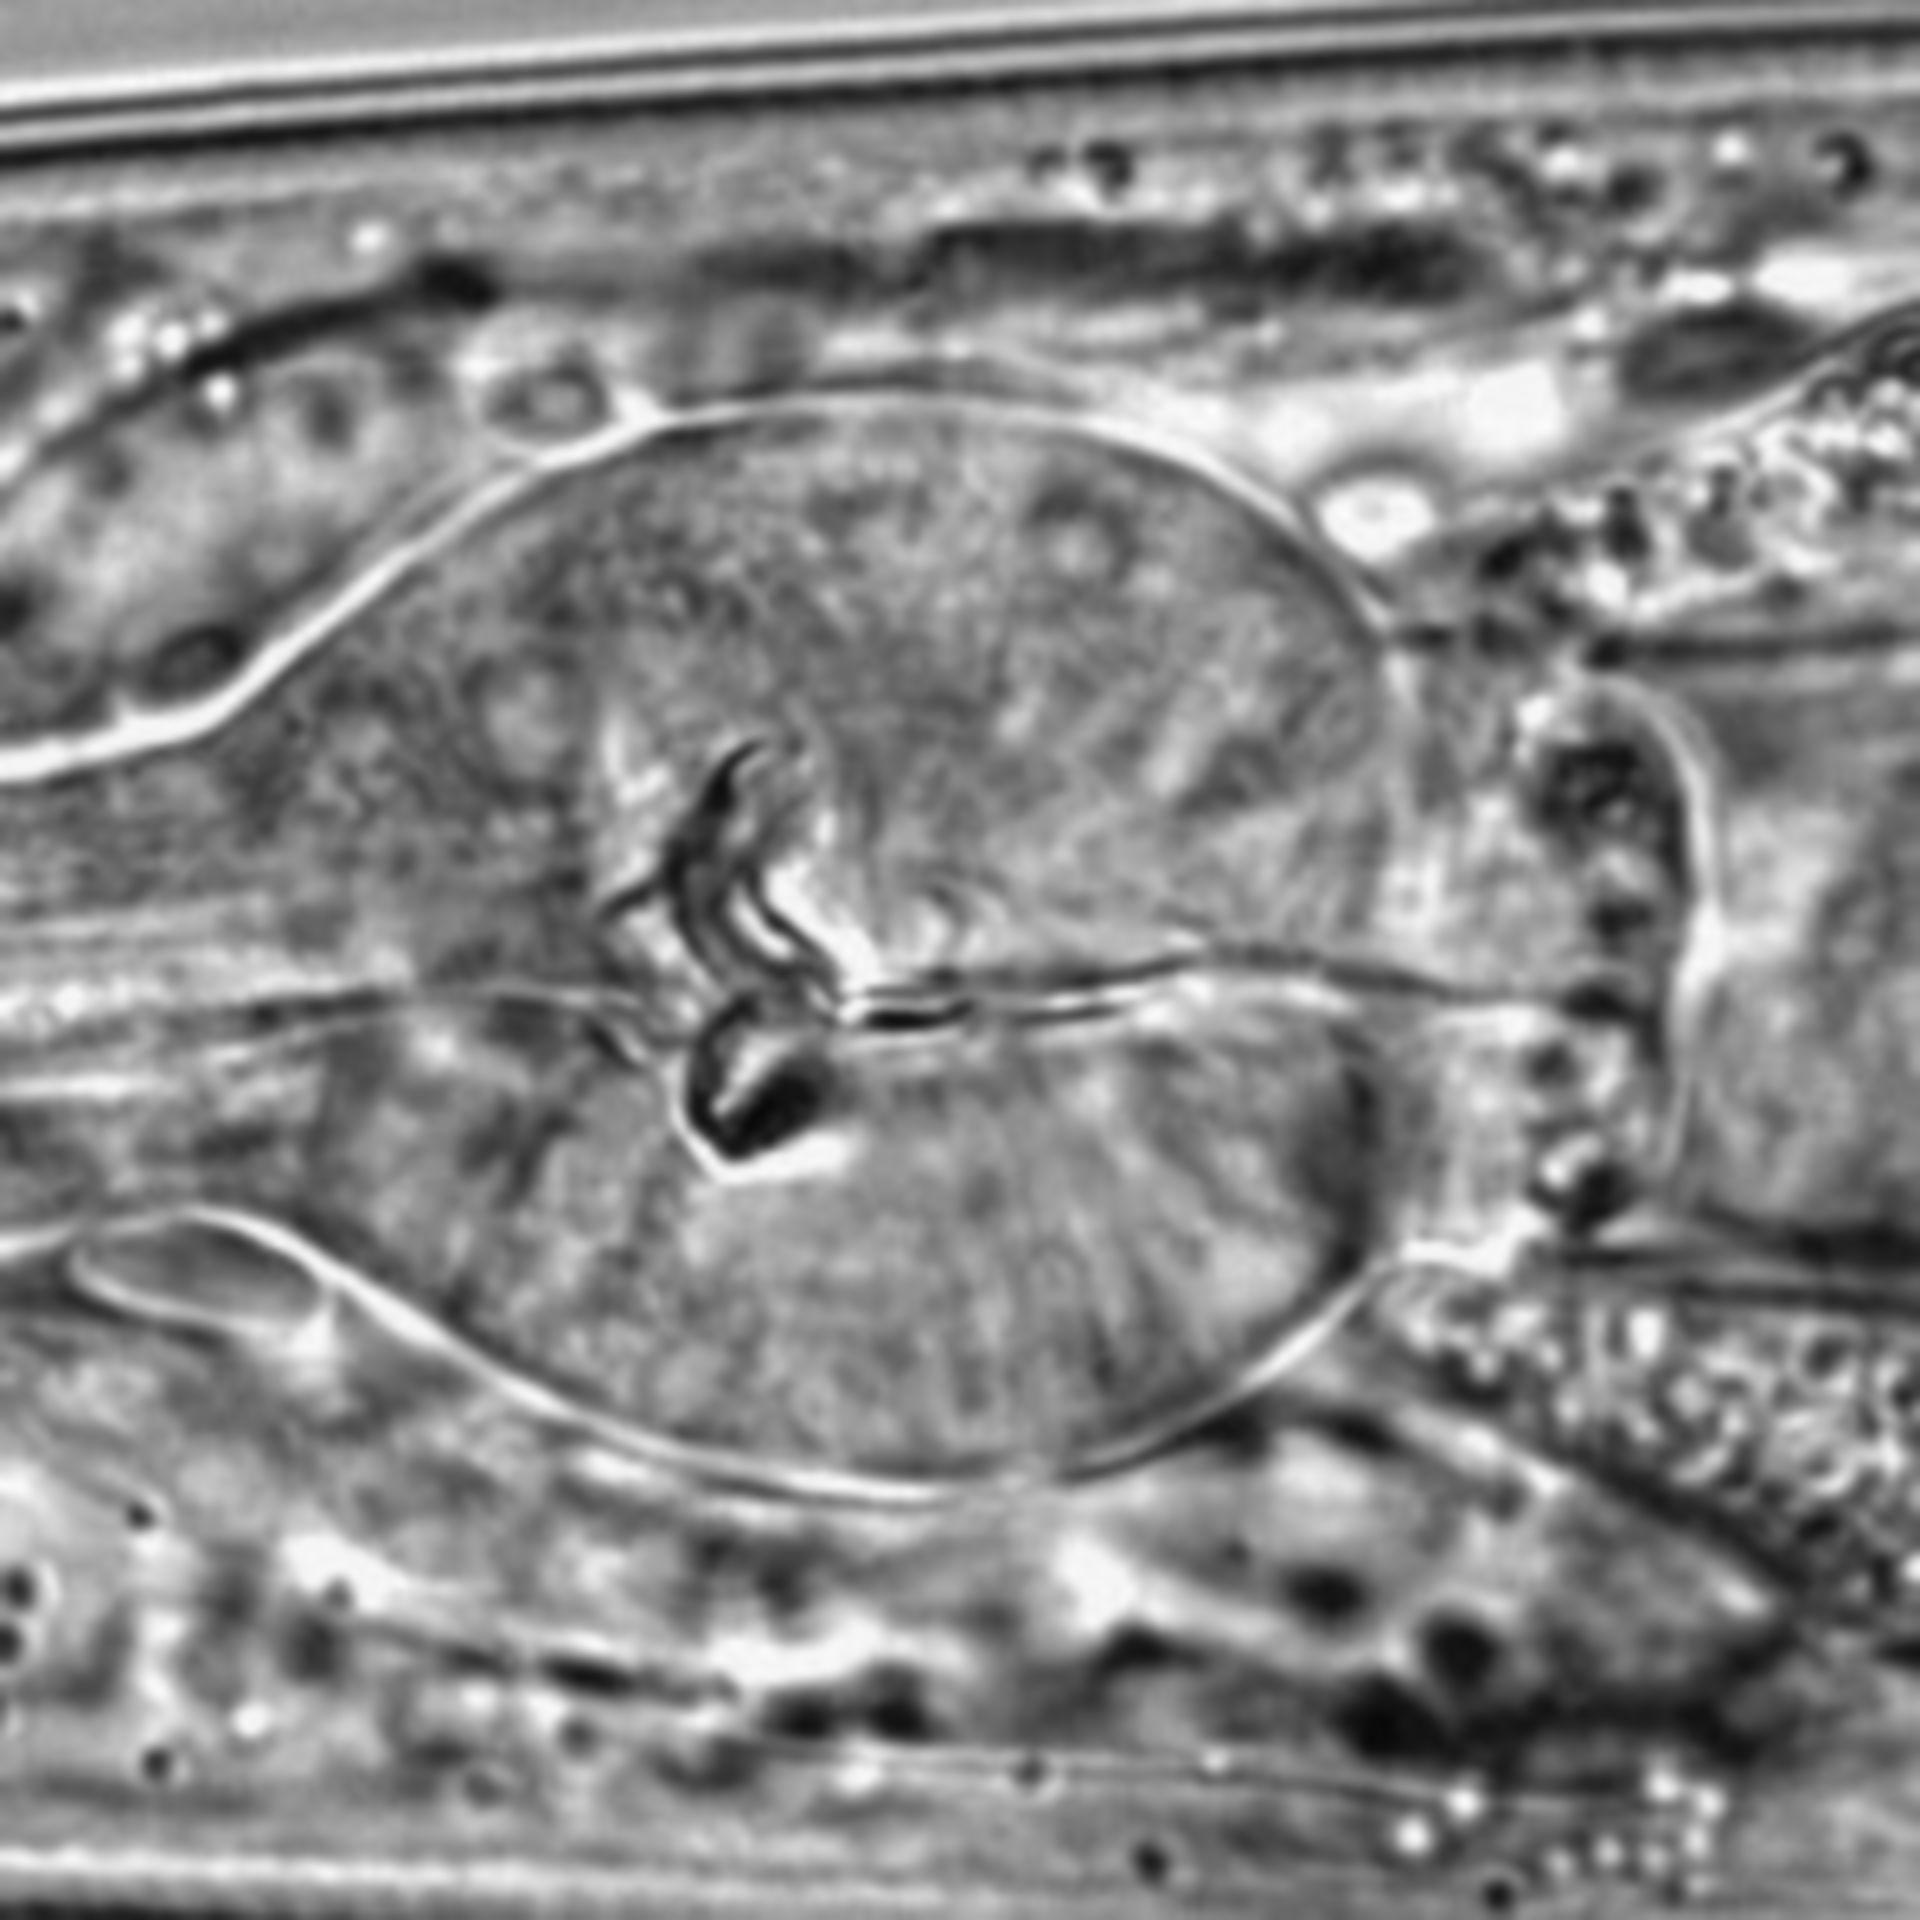 Caenorhabditis elegans - CIL:1604